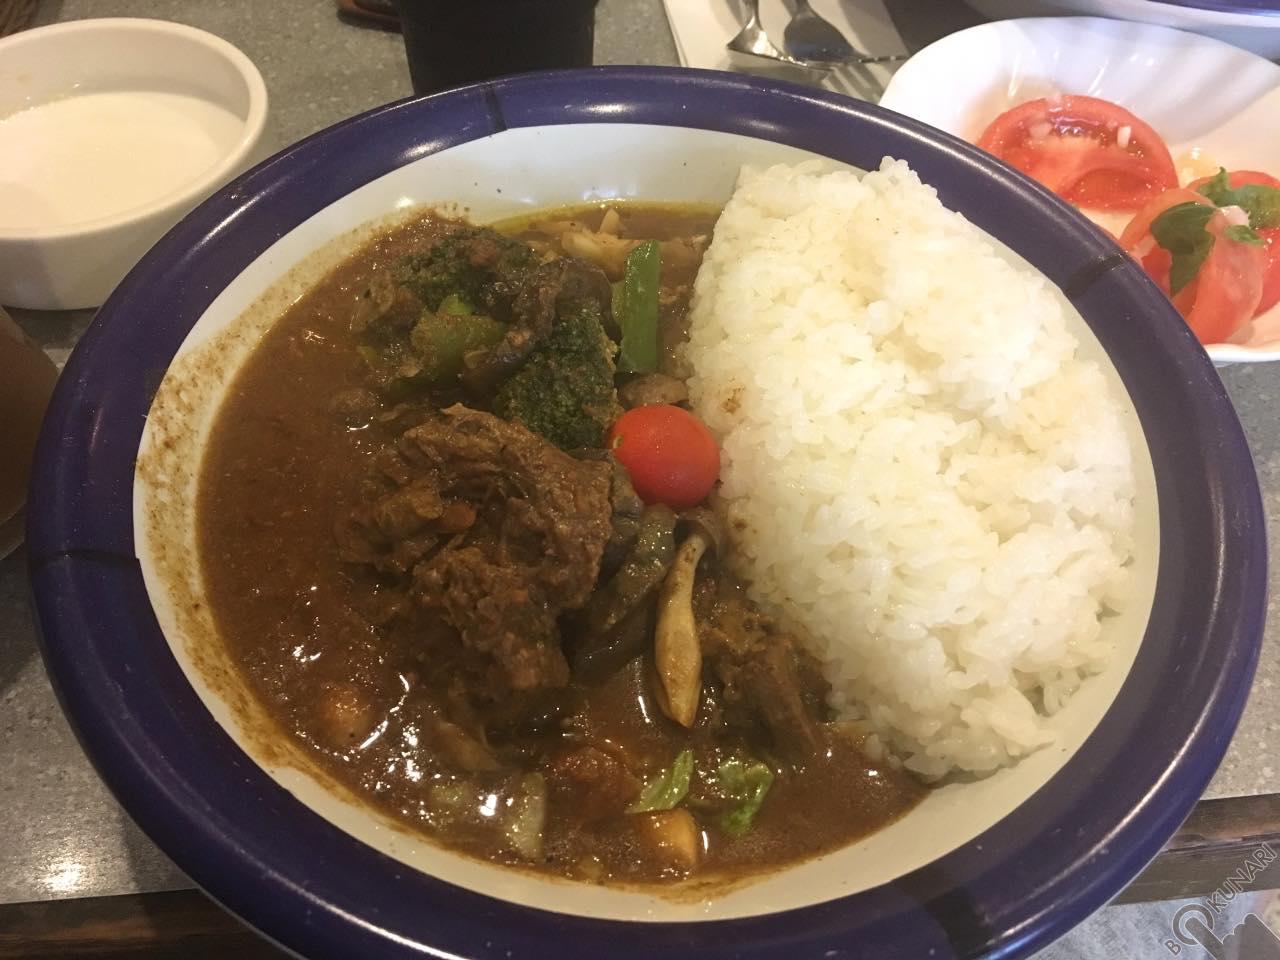 激辛ファンも納得の辛さ70倍も!食物繊維の溶け込んだ老舗カレー『エチオピア』